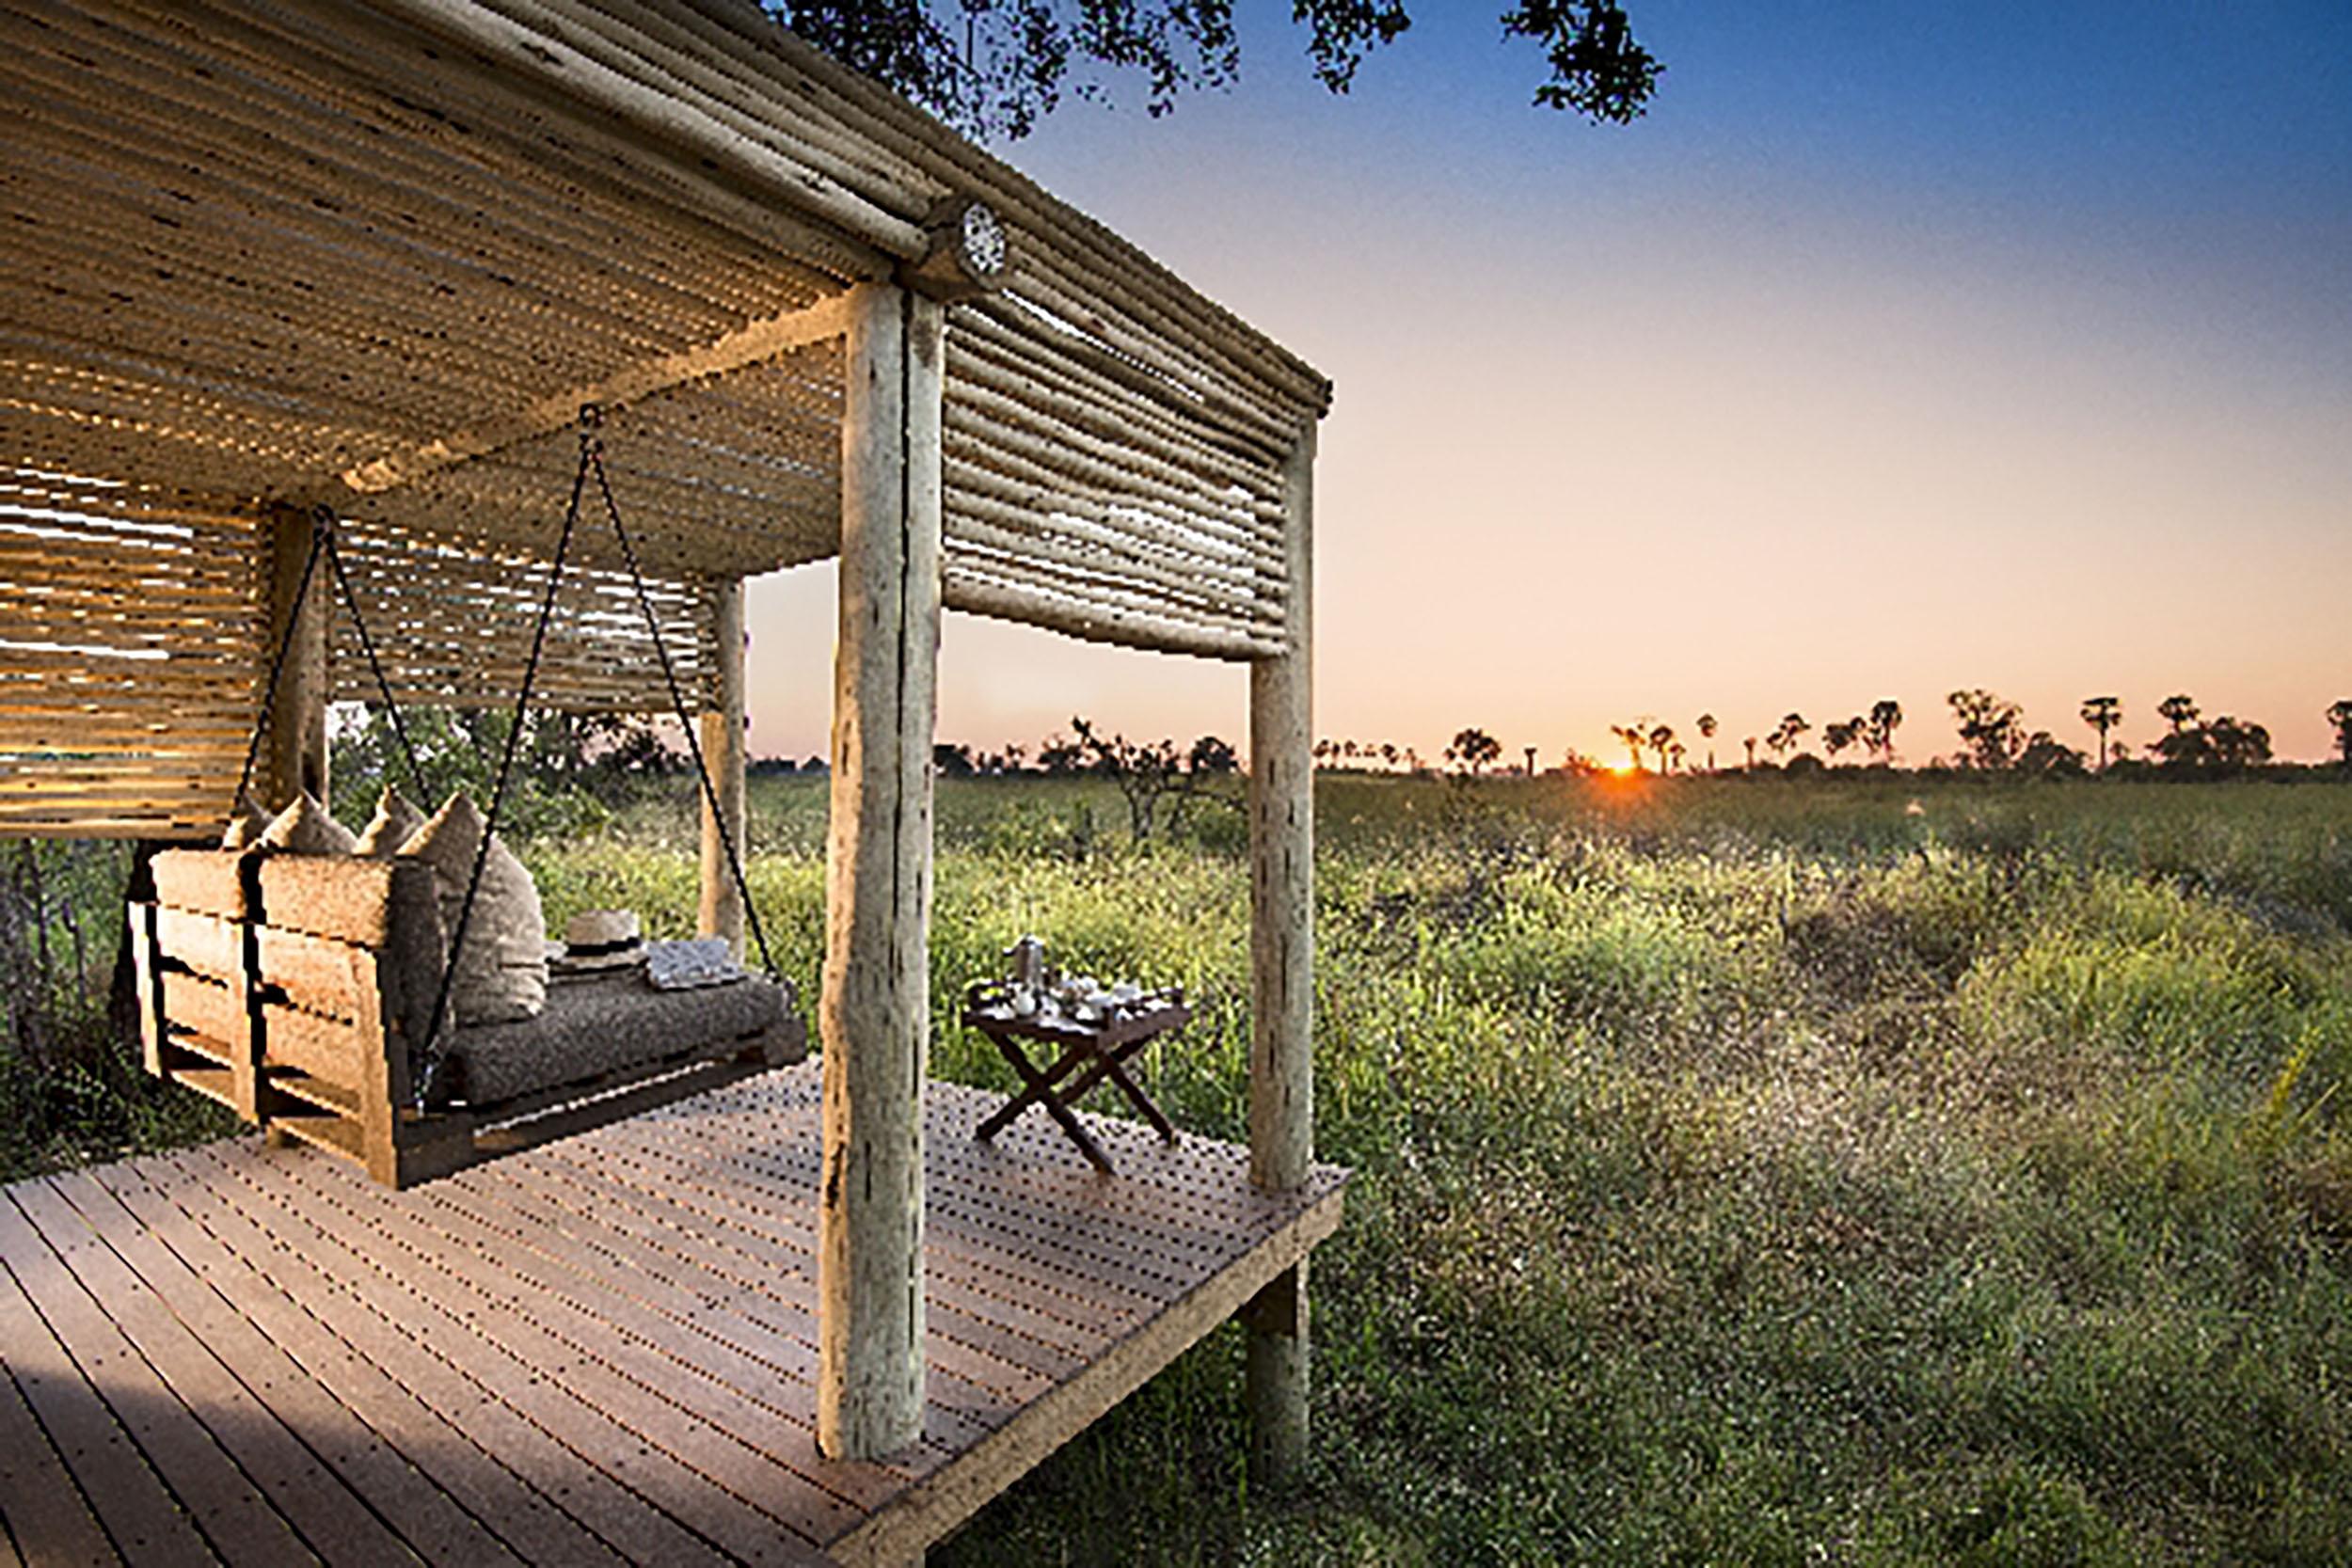 andBeyond-Nxabega-Okavango-Tented-Camp-Tented-Suite4.jpg